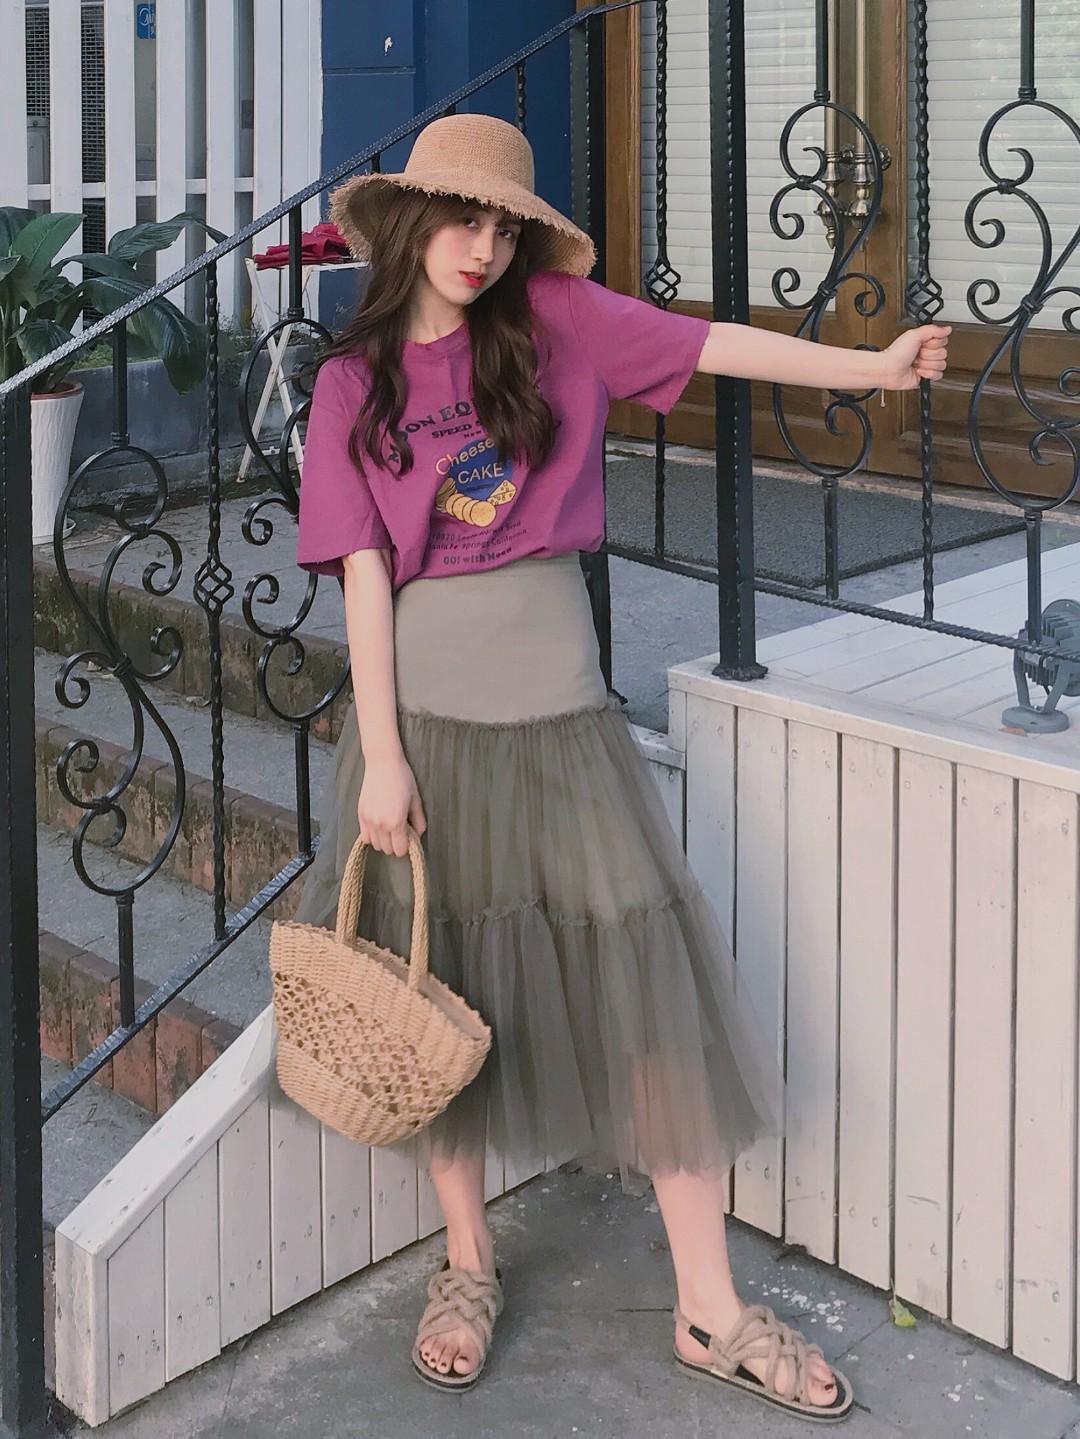 适合度假日常的穿搭哦❤️#想被街拍?最上镜穿搭学起来!#很特别的正紫色~上一条纱纱裙是米白色偏向于日系感穿搭,灰色更成熟一点。和这个颜色的t恤搭配起来有点复古的感觉。搭配小草帽和编织包包真的很完美哦❤️❤️